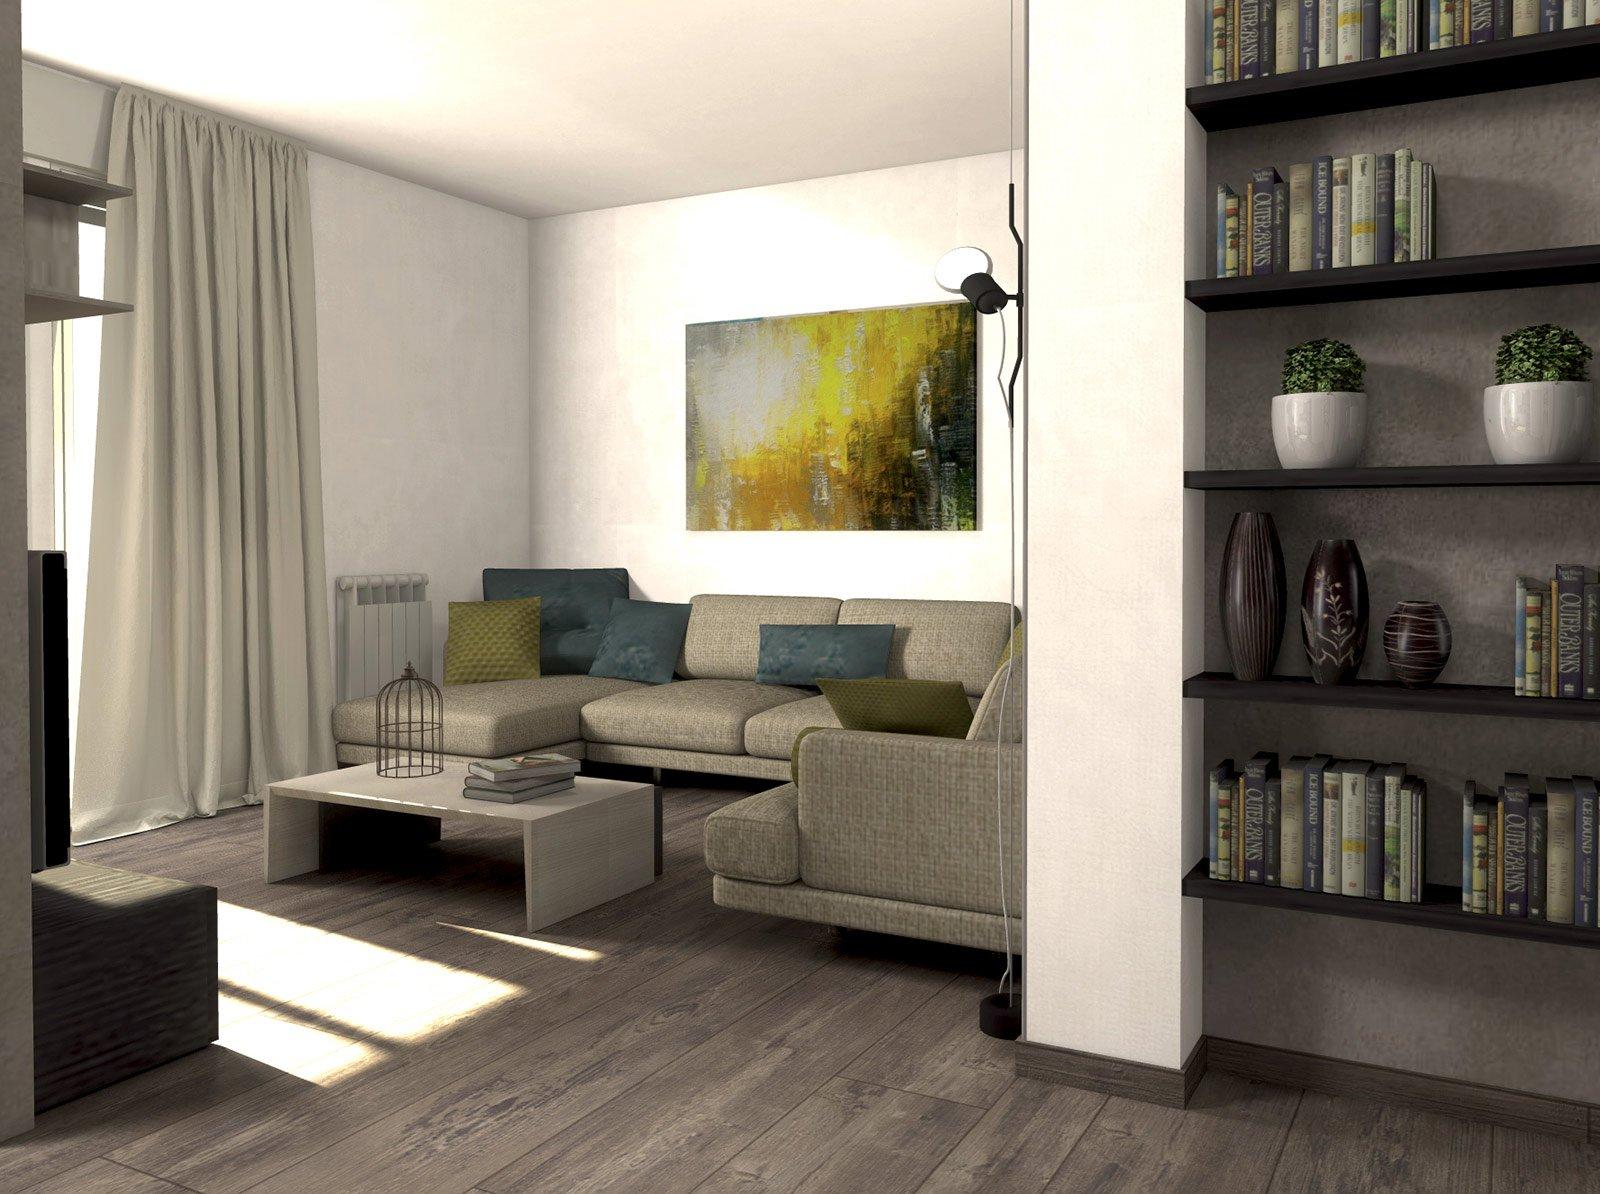 Da casa tradizionale ad abitazione moderna e attuale - Cose di Casa